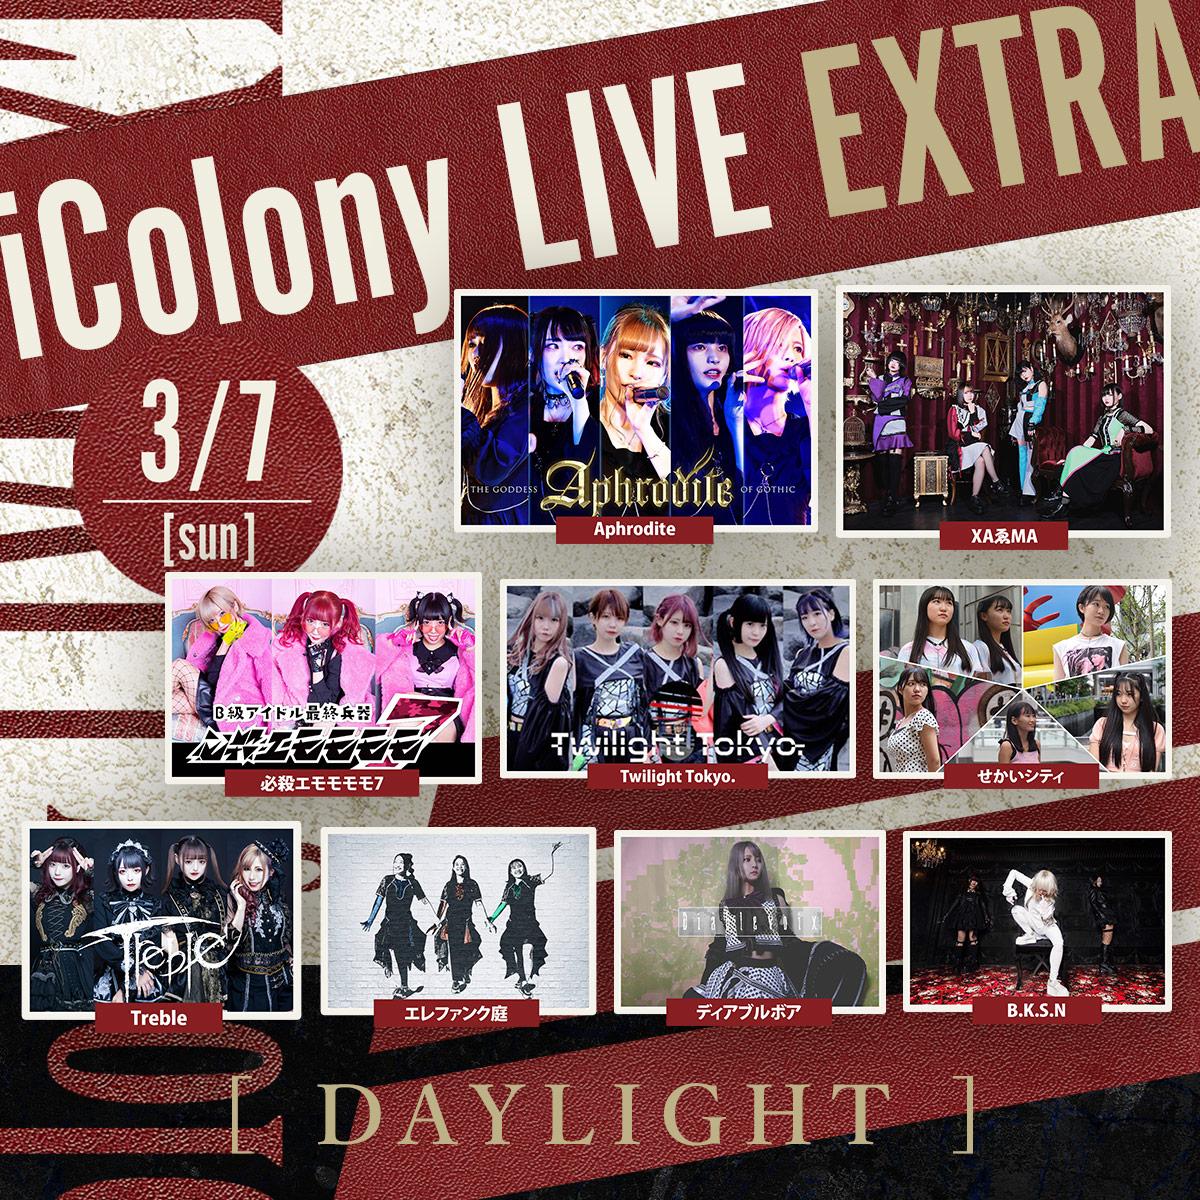 iColony LIVE EXTRA [DAYLIGHT]